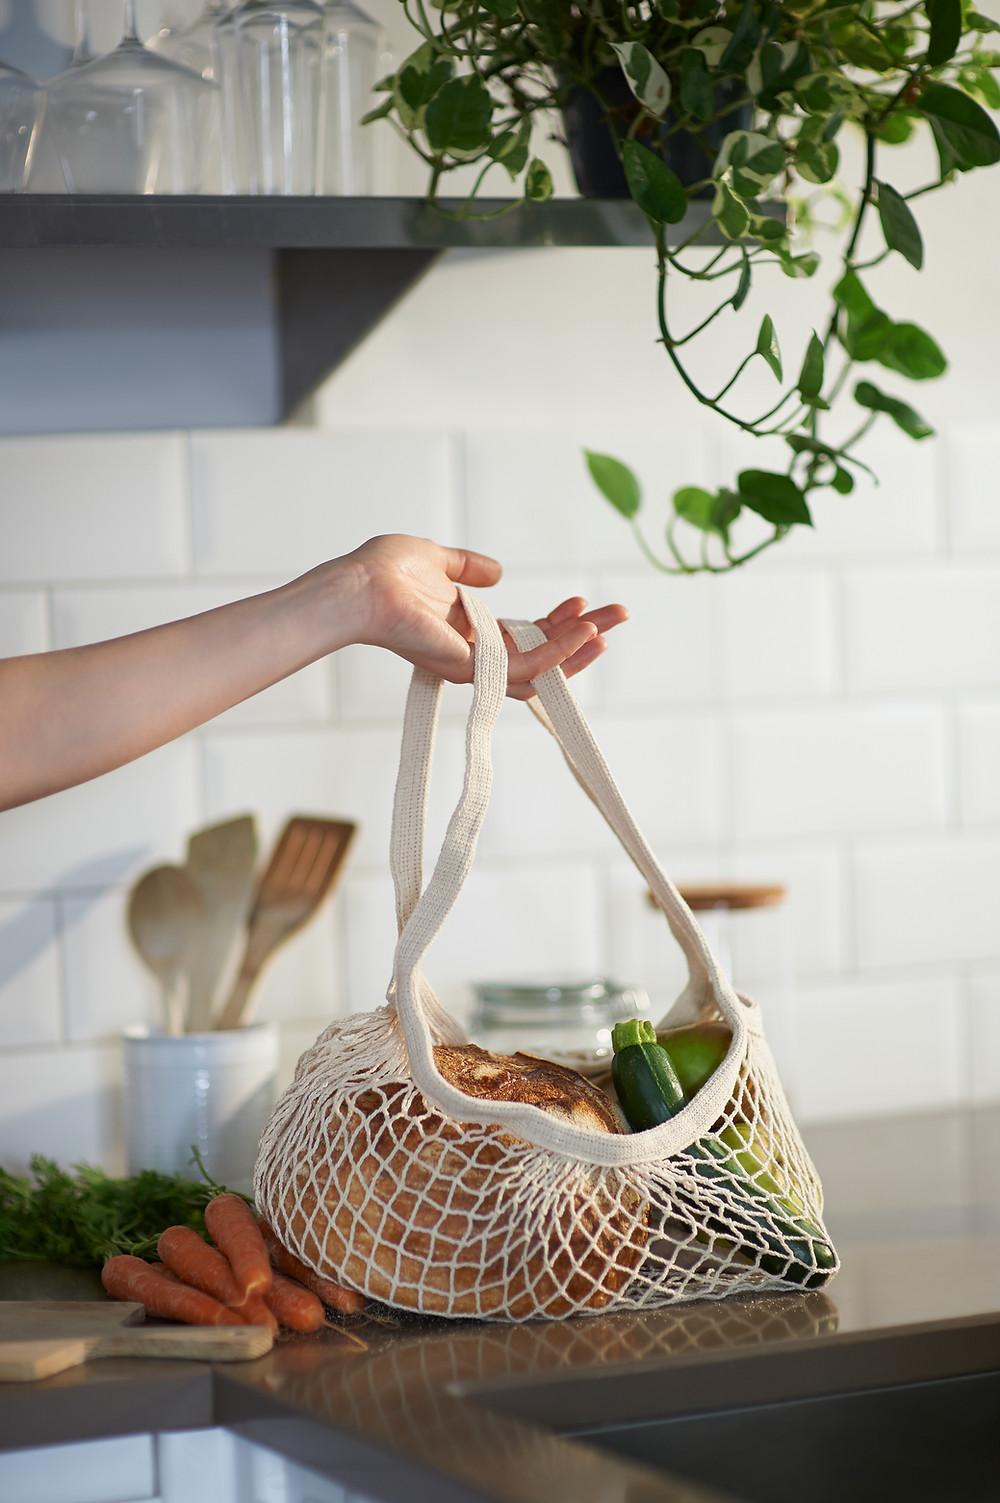 nachhaltiger Einkauf für eine nachhaltige Ernährung